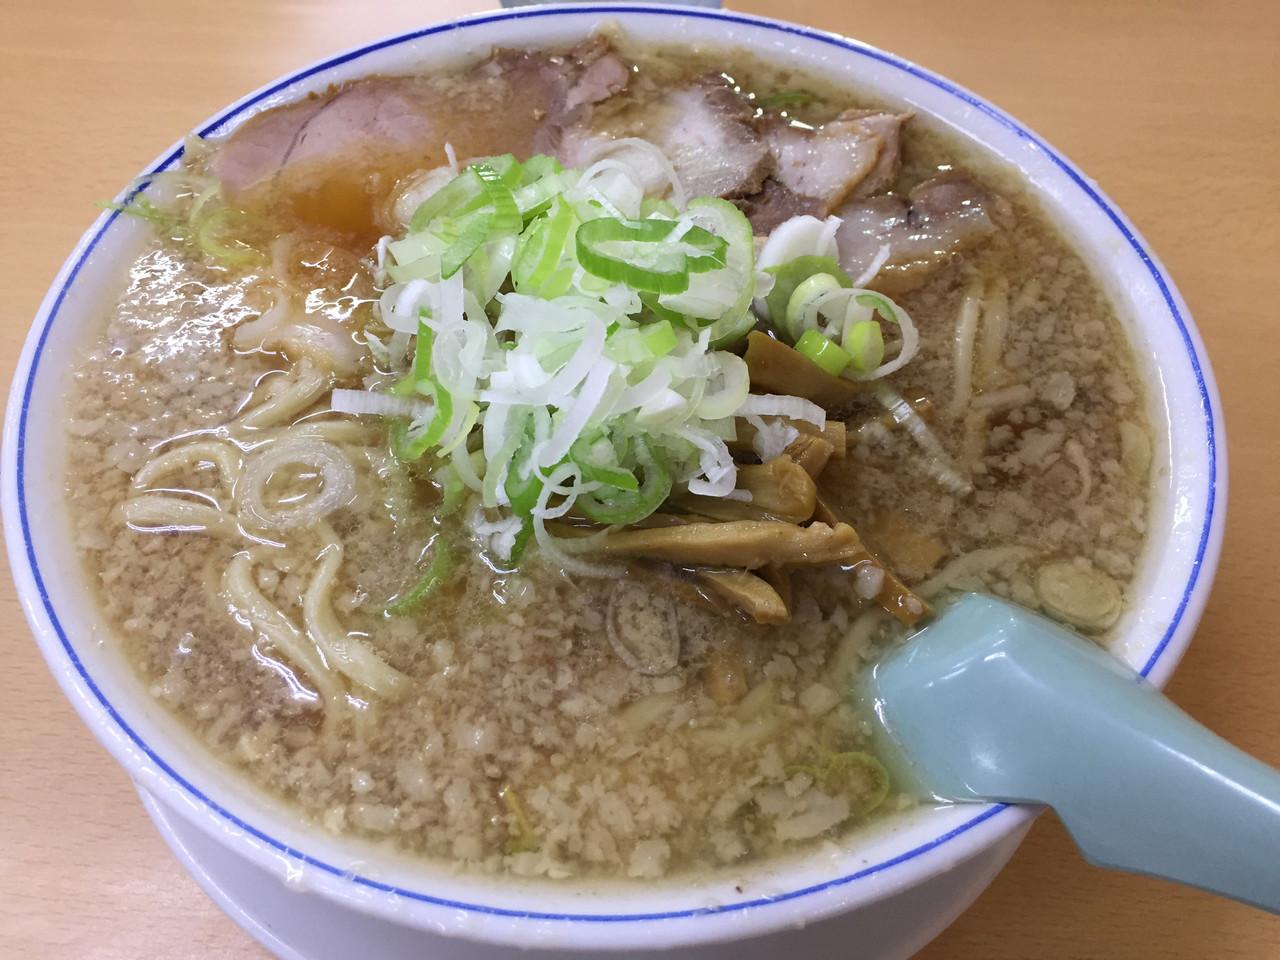 【最新】ここだけは絶対に外せない!新潟市で人気のラーメン店10選 - サムネイル